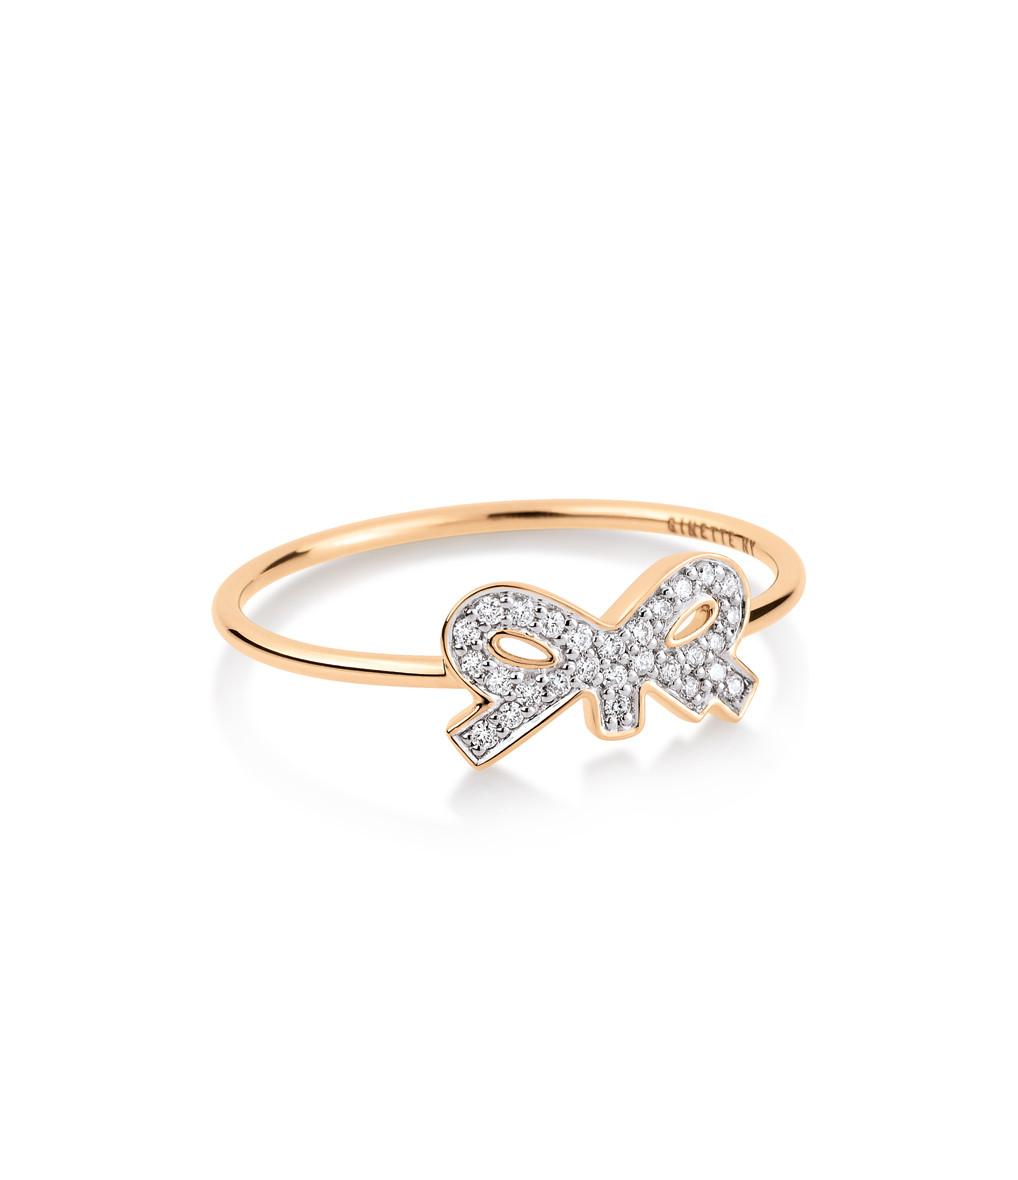 GINETTE_NY - Bague Tiny Diams Bow Or Rose Diamants